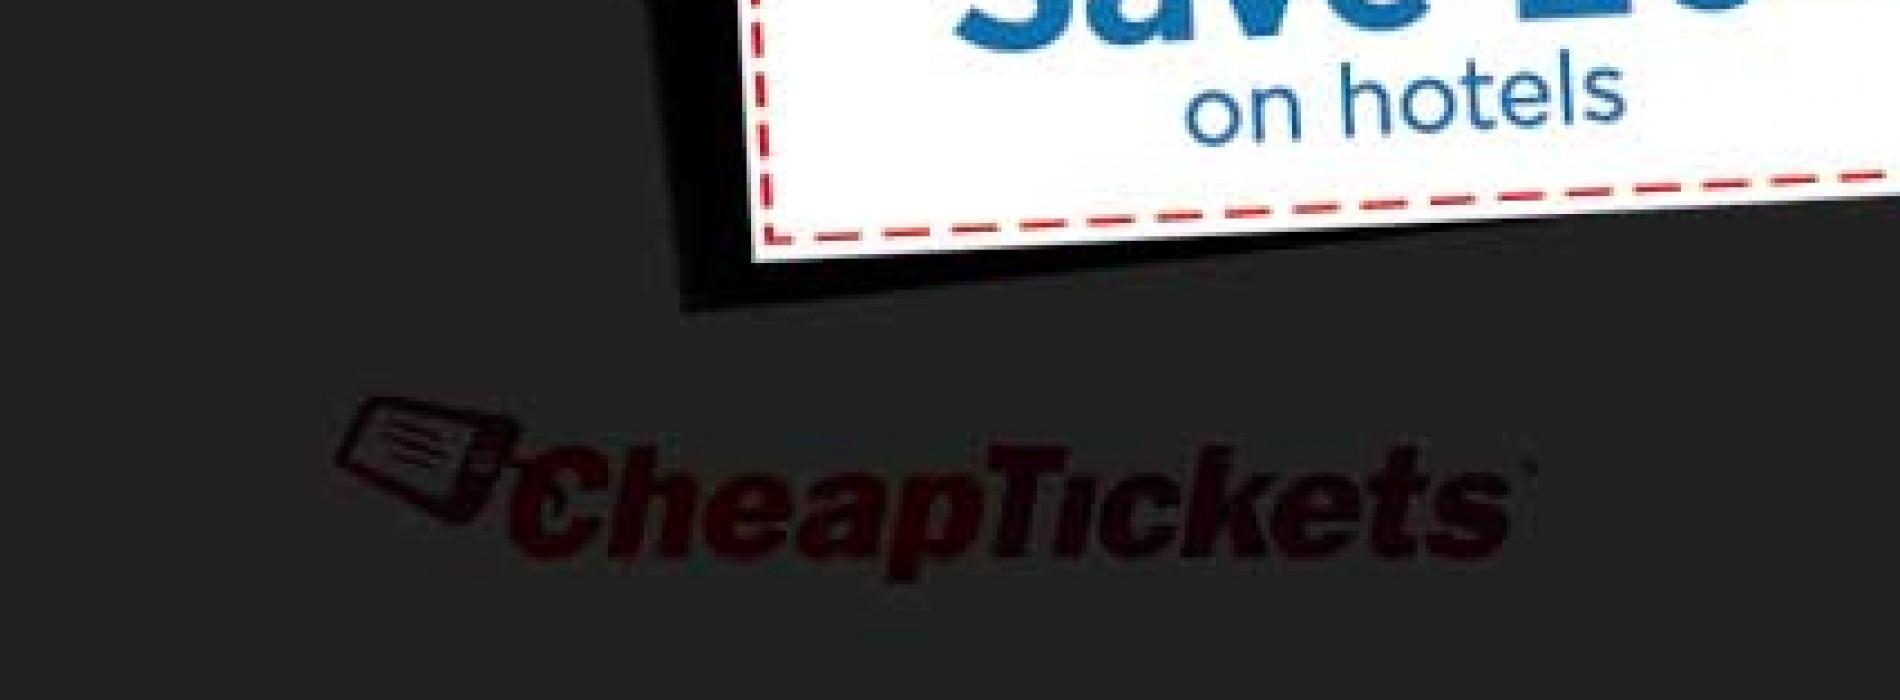 خصم 20% على حجوزات فنادق cheaptickets